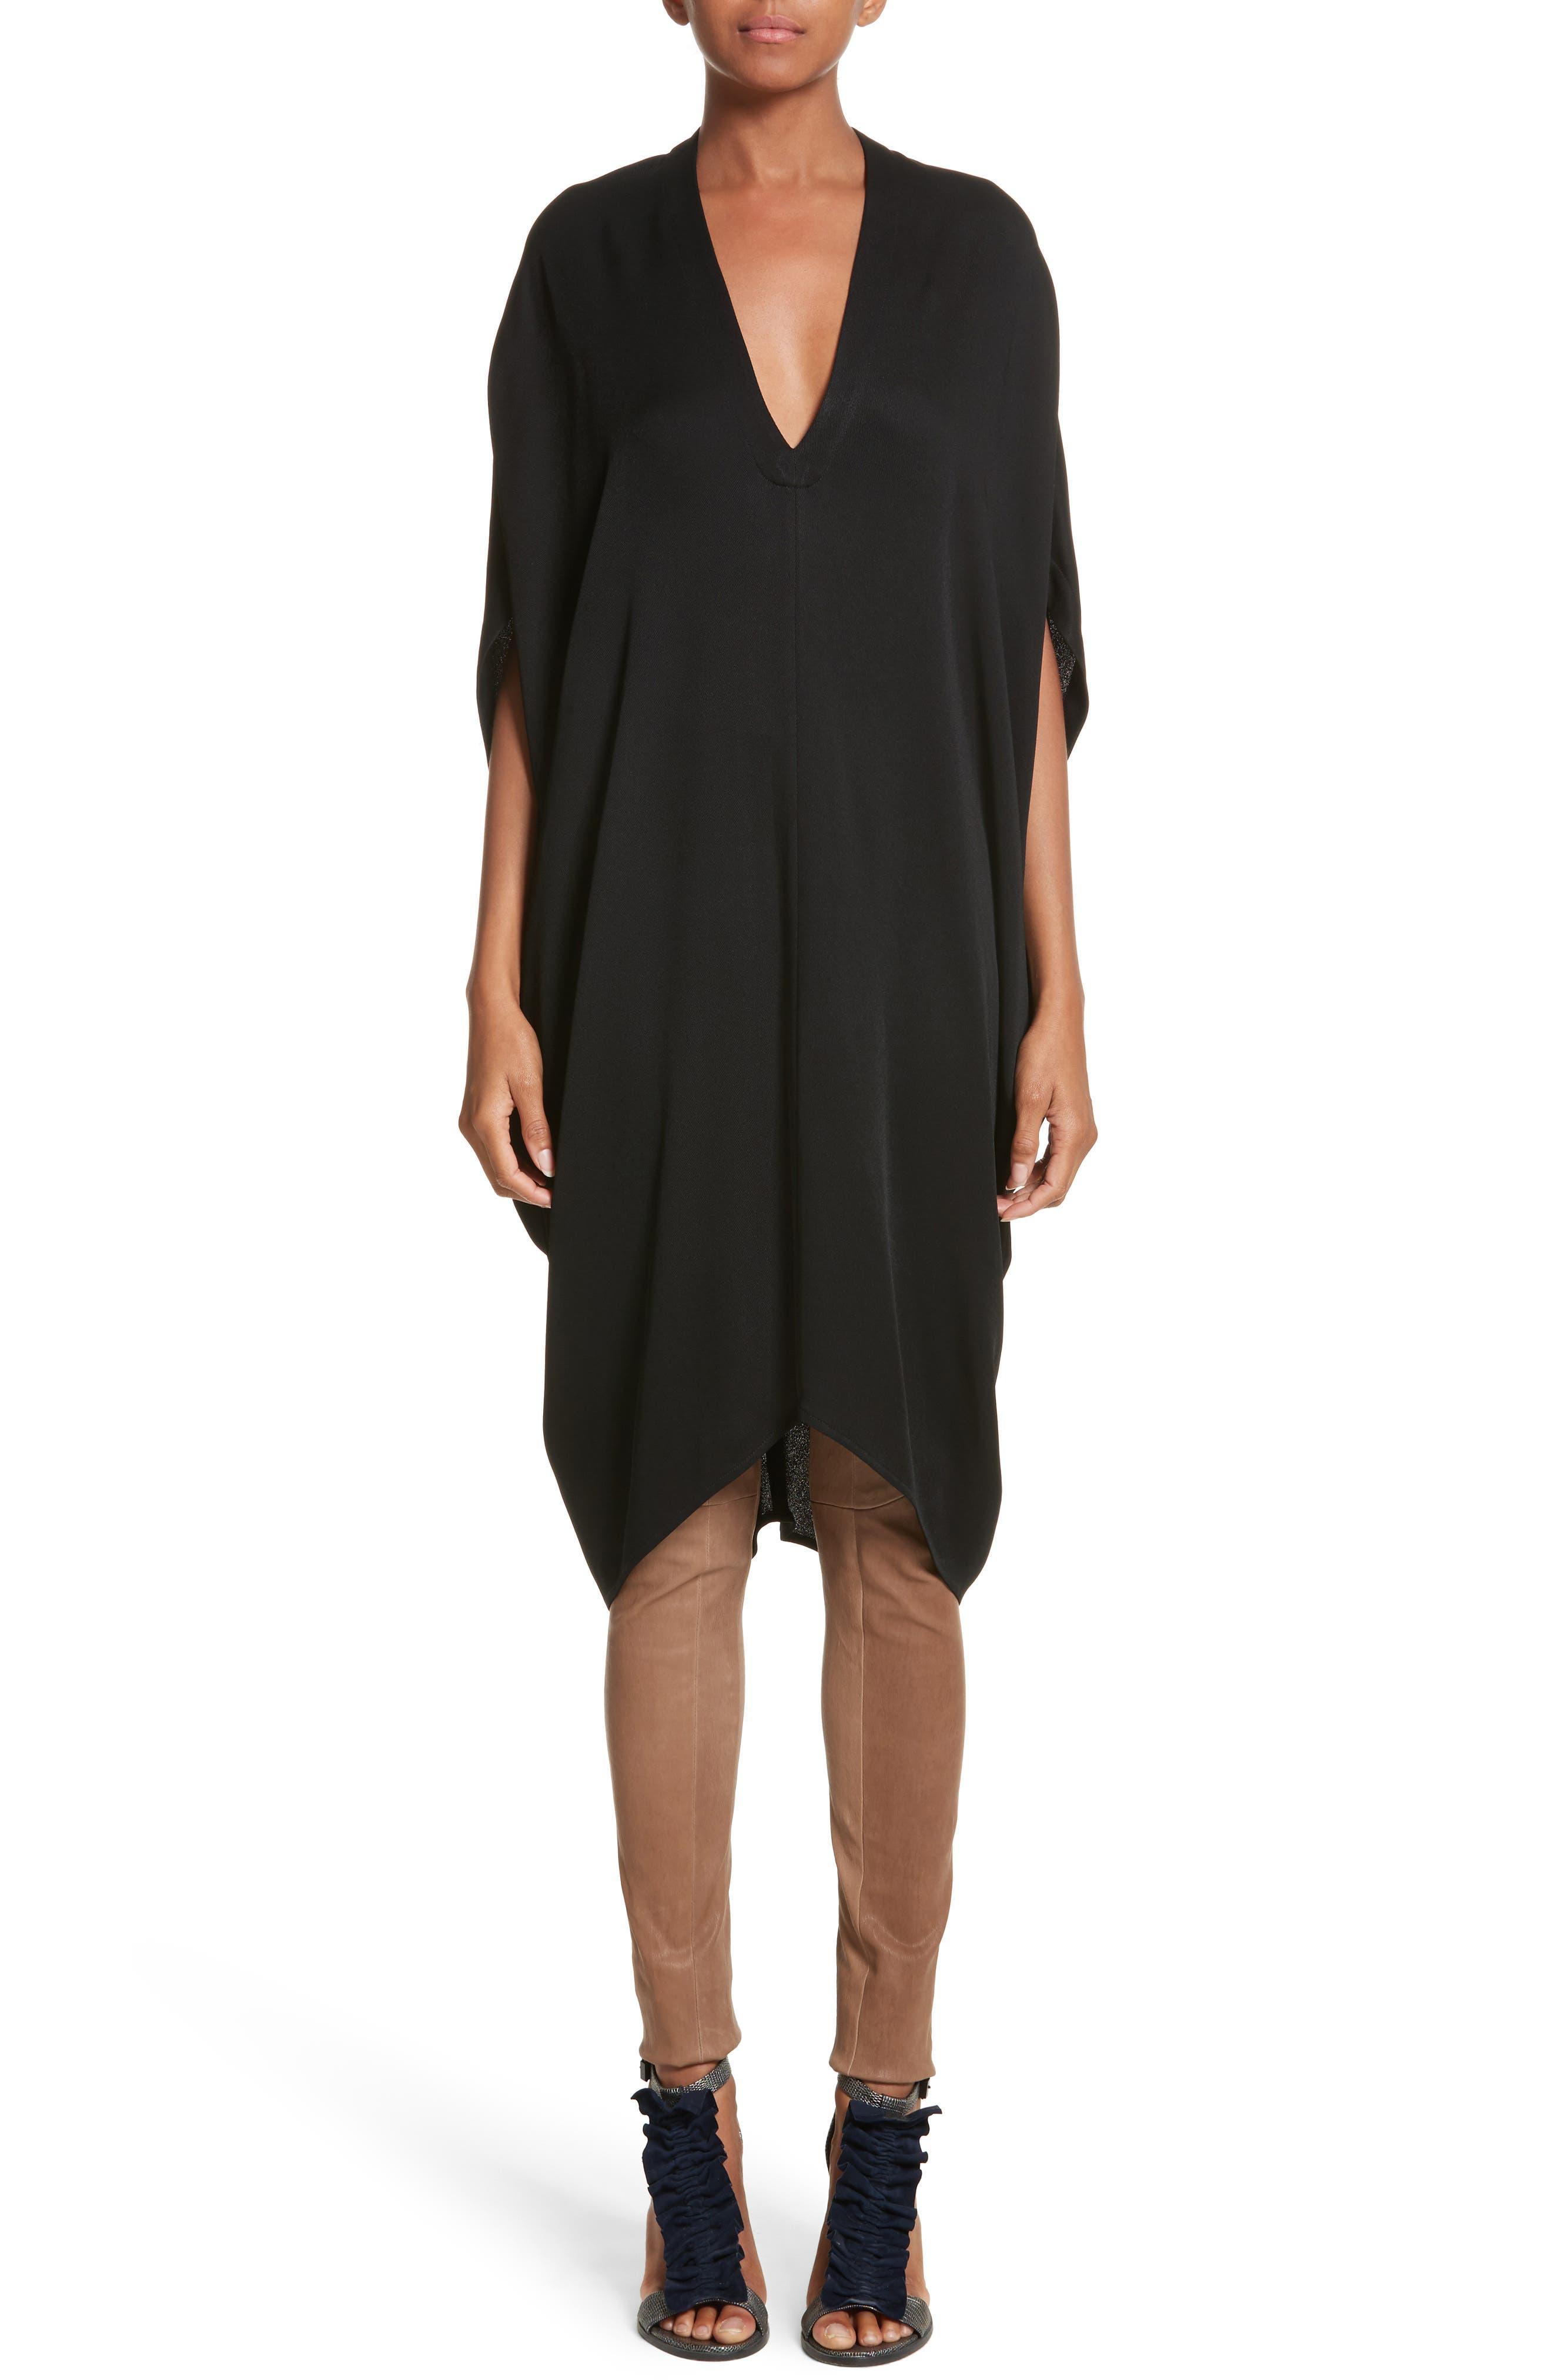 Eco Drape Dress,                             Alternate thumbnail 7, color,                             001